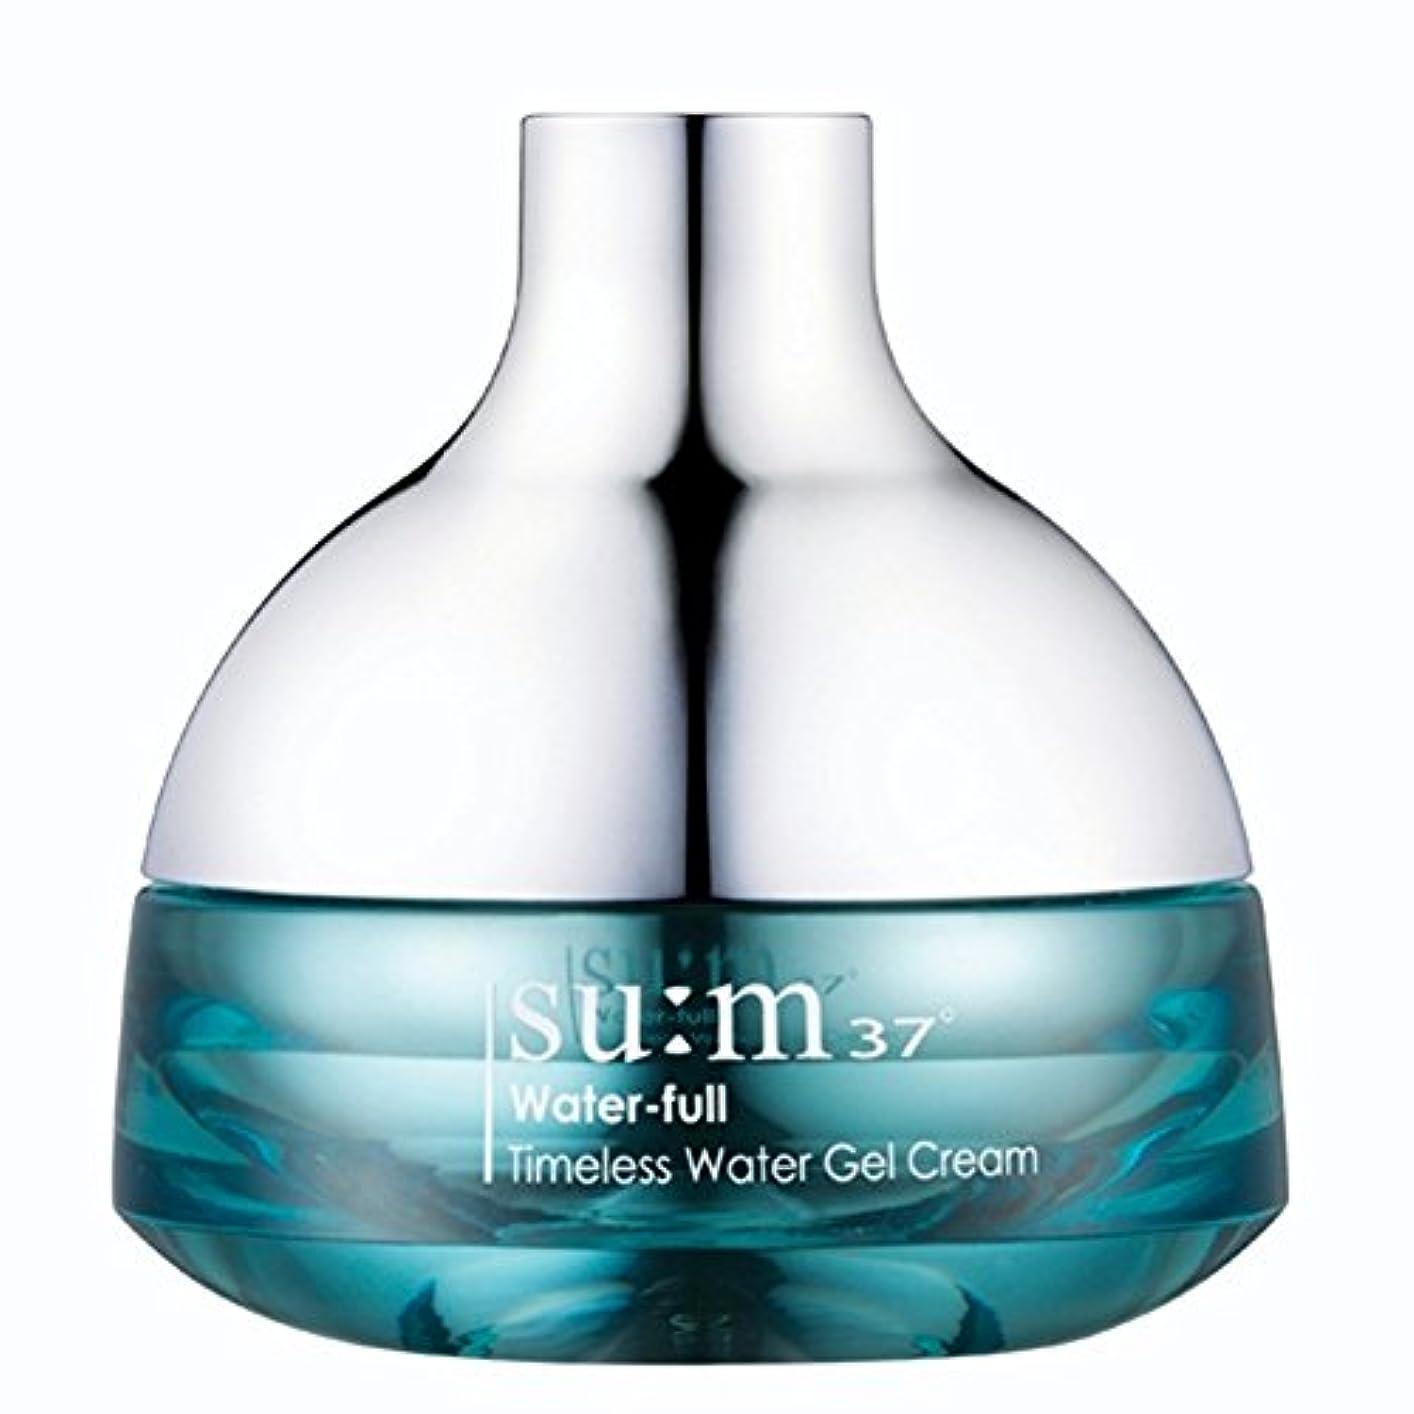 収入ハプニング規則性su:m37/スム37° スム37 ウォーターフルタイムレスウォータージェルクリーム50ml (sum 37ºWater-full Timeless Water Gel Cream 50ml + Special Gift...